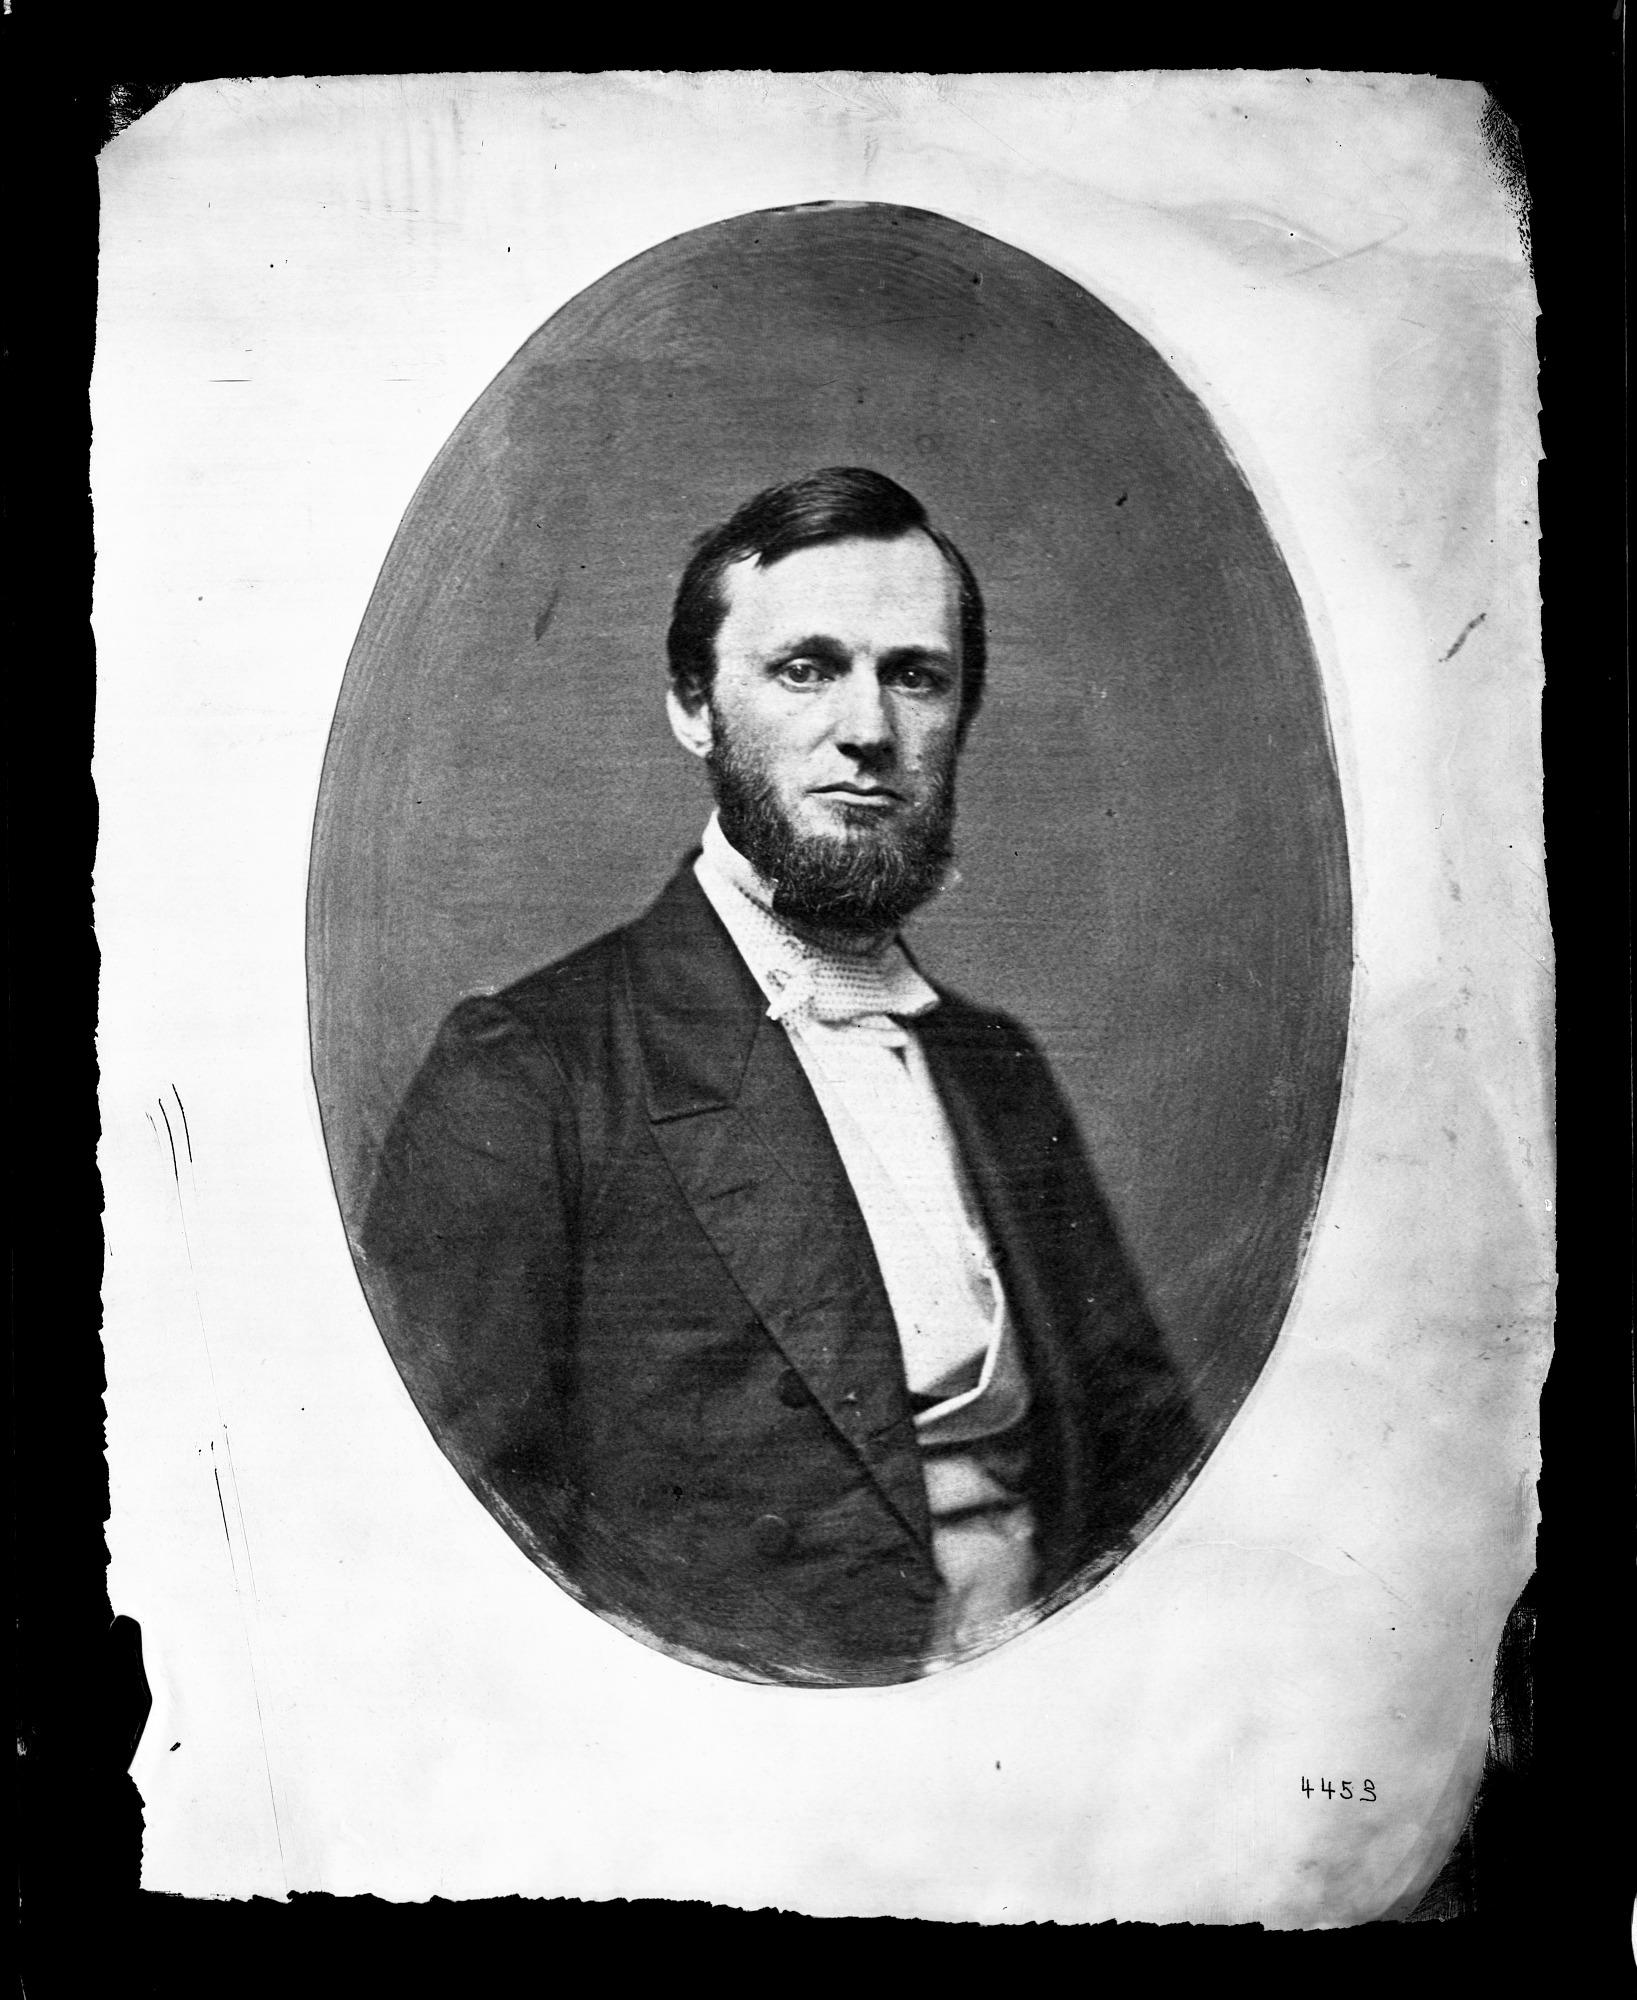 Portrait of Spencer Fullerton Baird, 1850